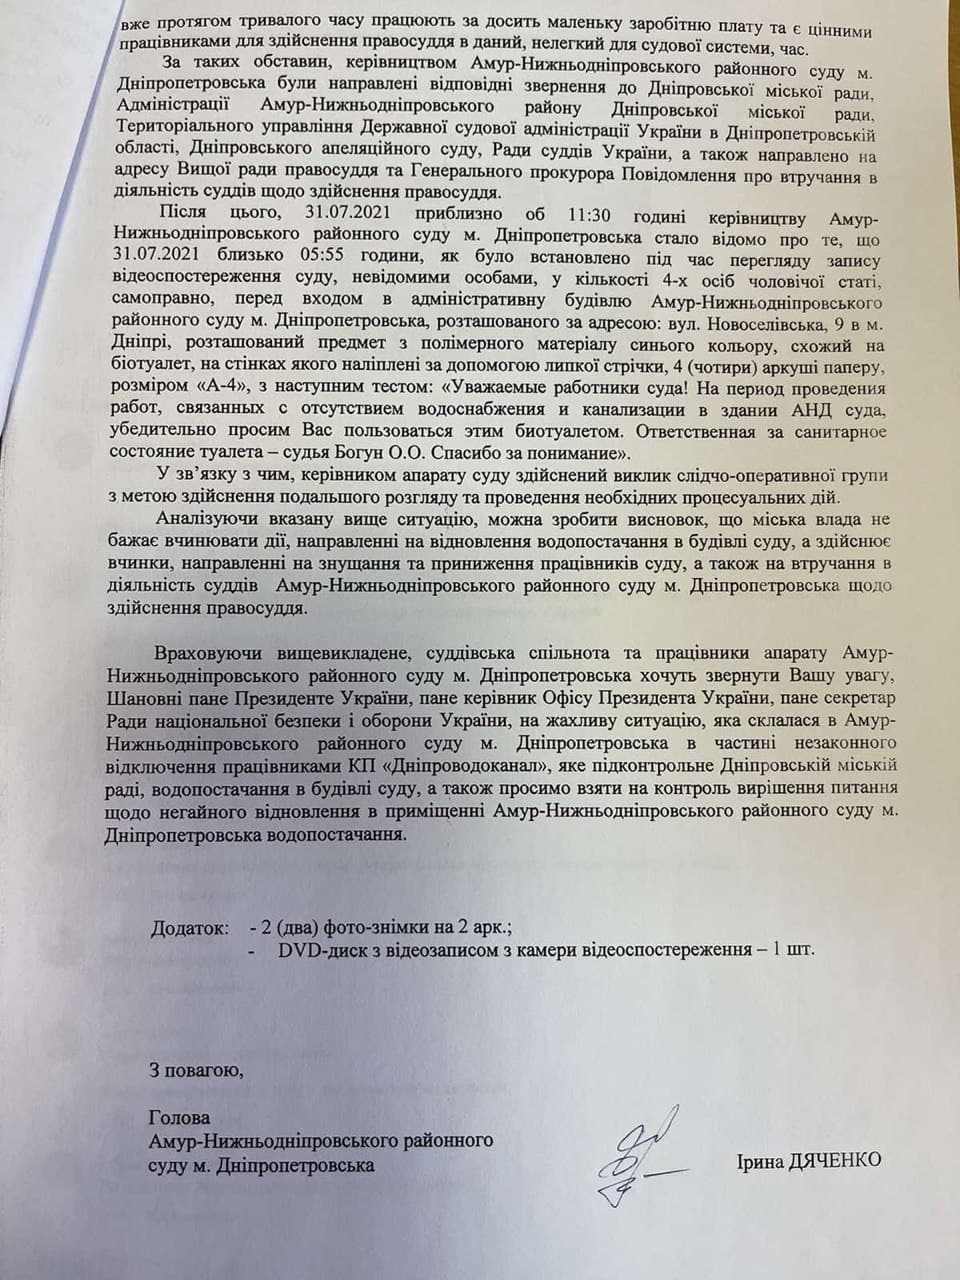 Зеленского просят о помощи работники суда в Днепре, в котором отключили воду по указанию Филатова - фото 8